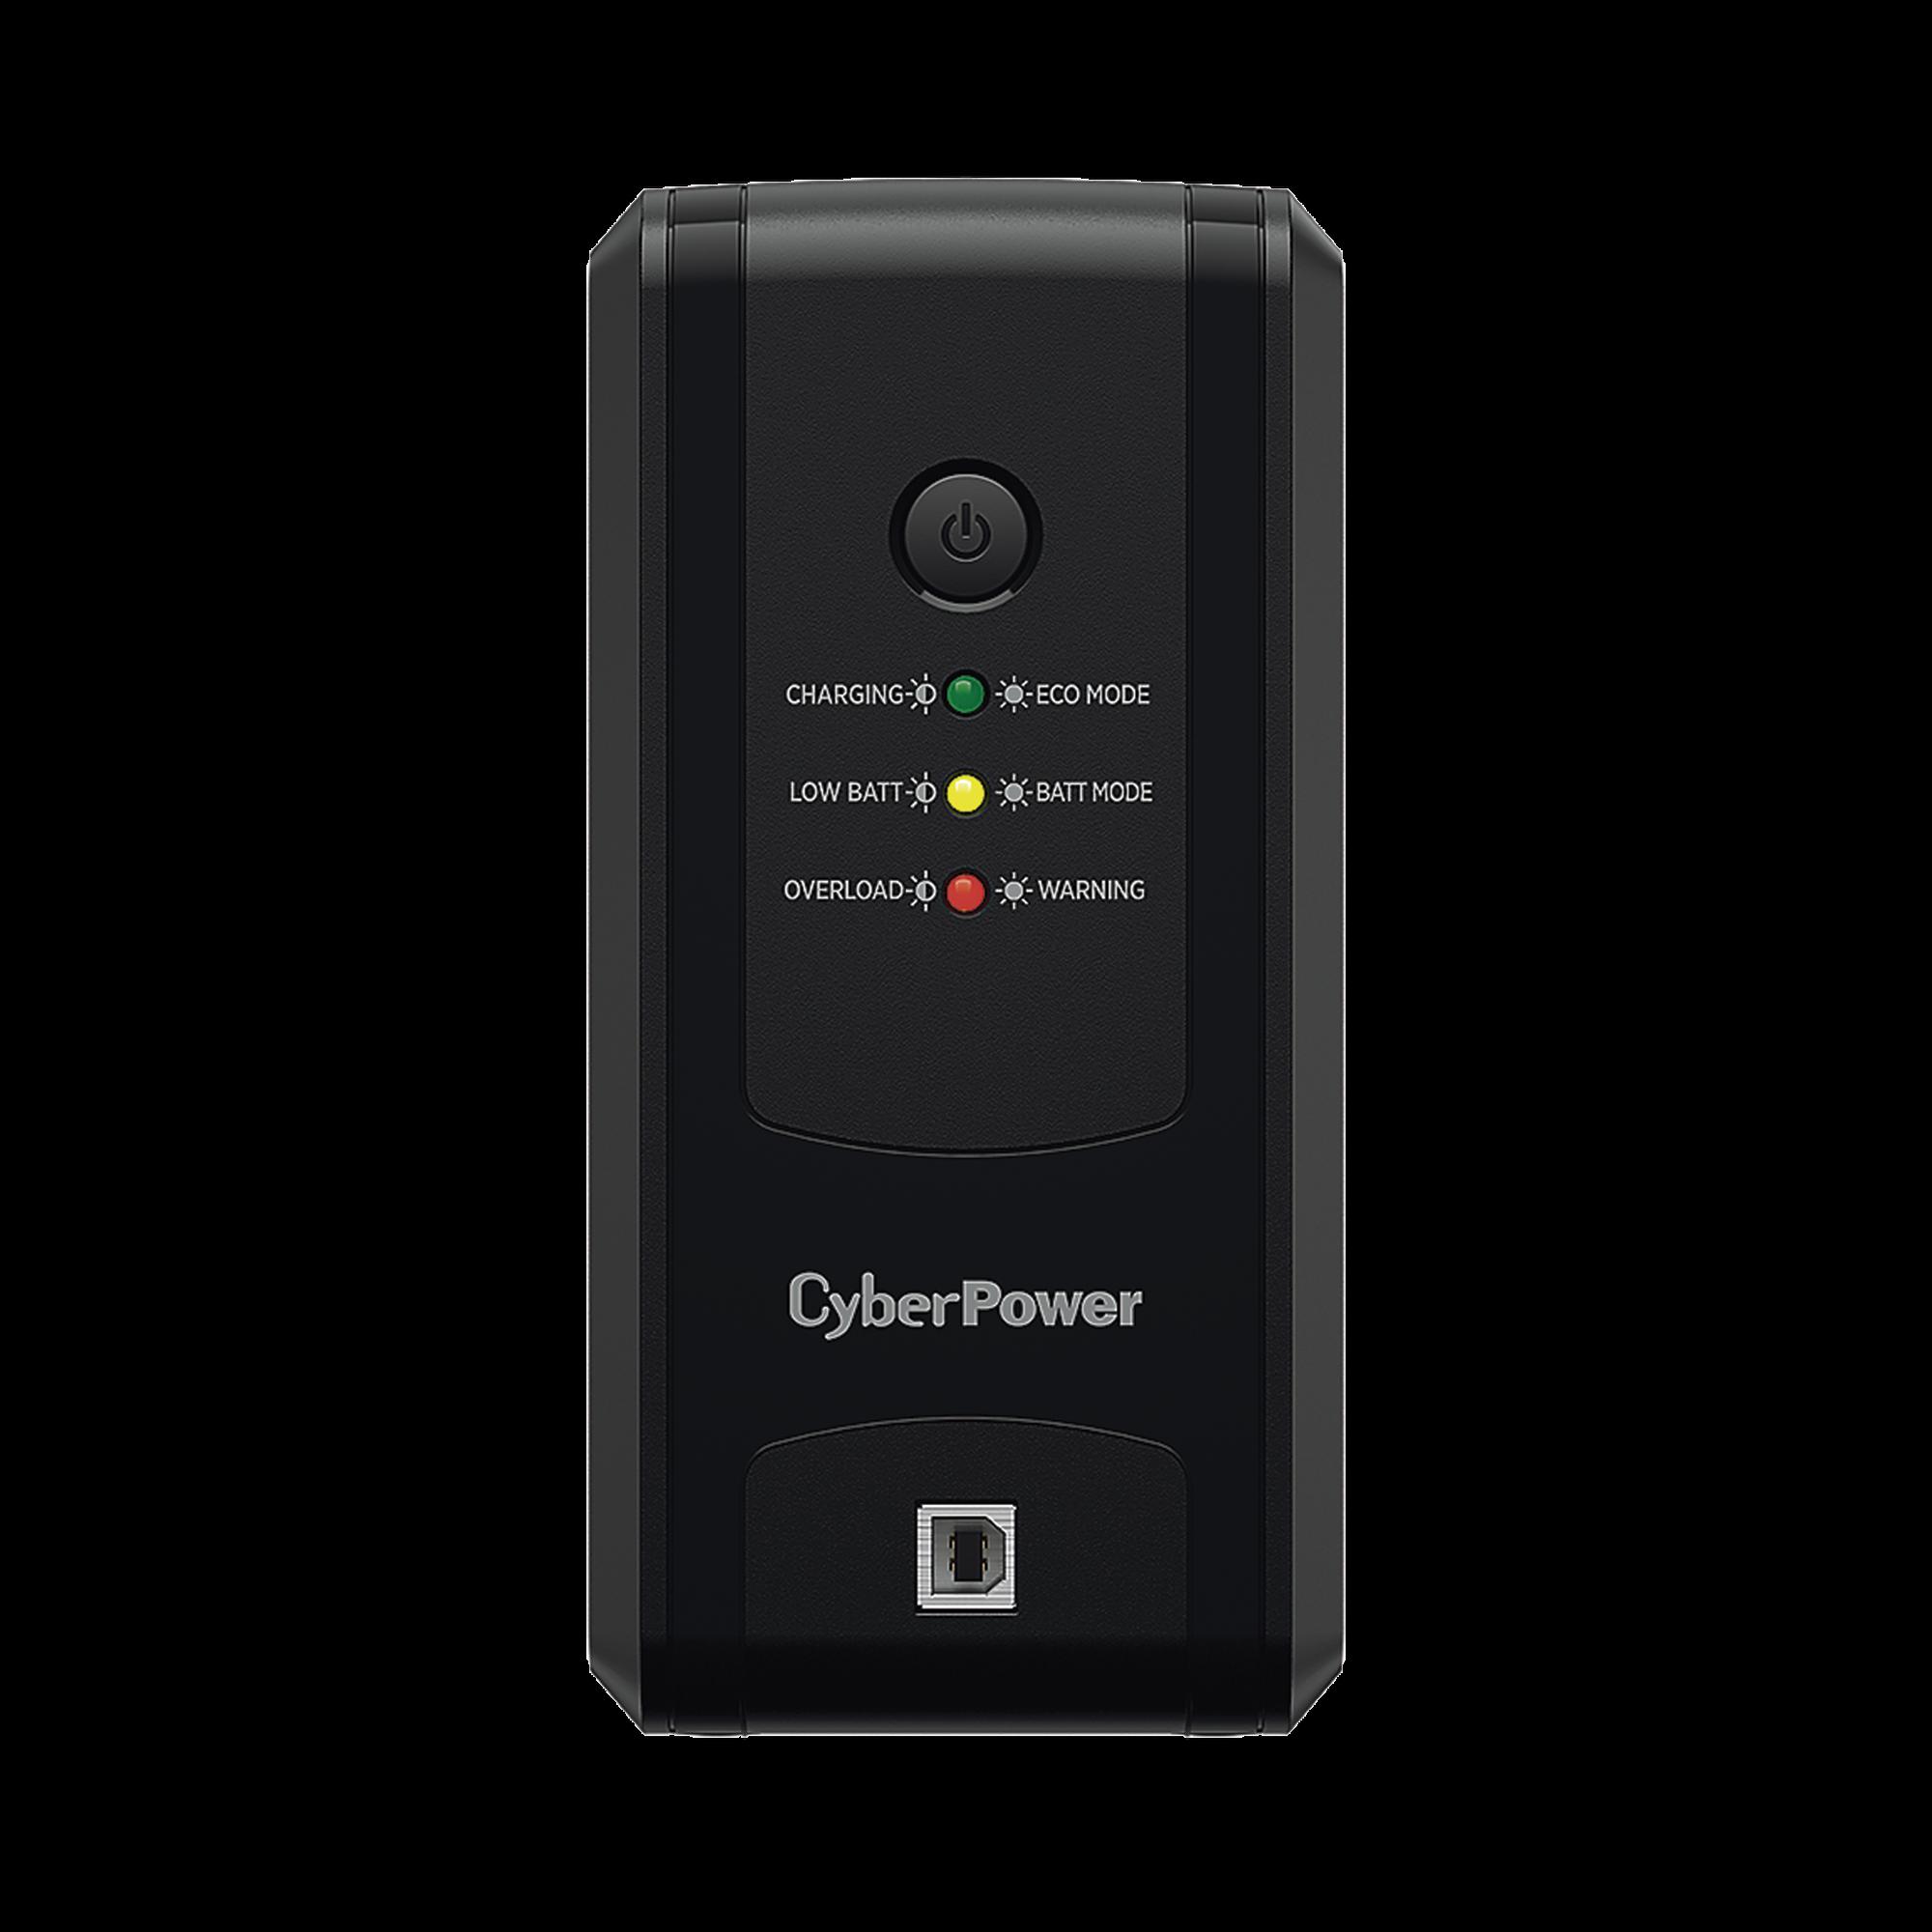 UPS de 750 VA/375 W, Topología Línea Interactiva, Entrada 120 Vca NEMA 5-15P, y 8 Salidas NEMA 5-15R, Puerto USB, Con Regulador de Voltaje (AVR)